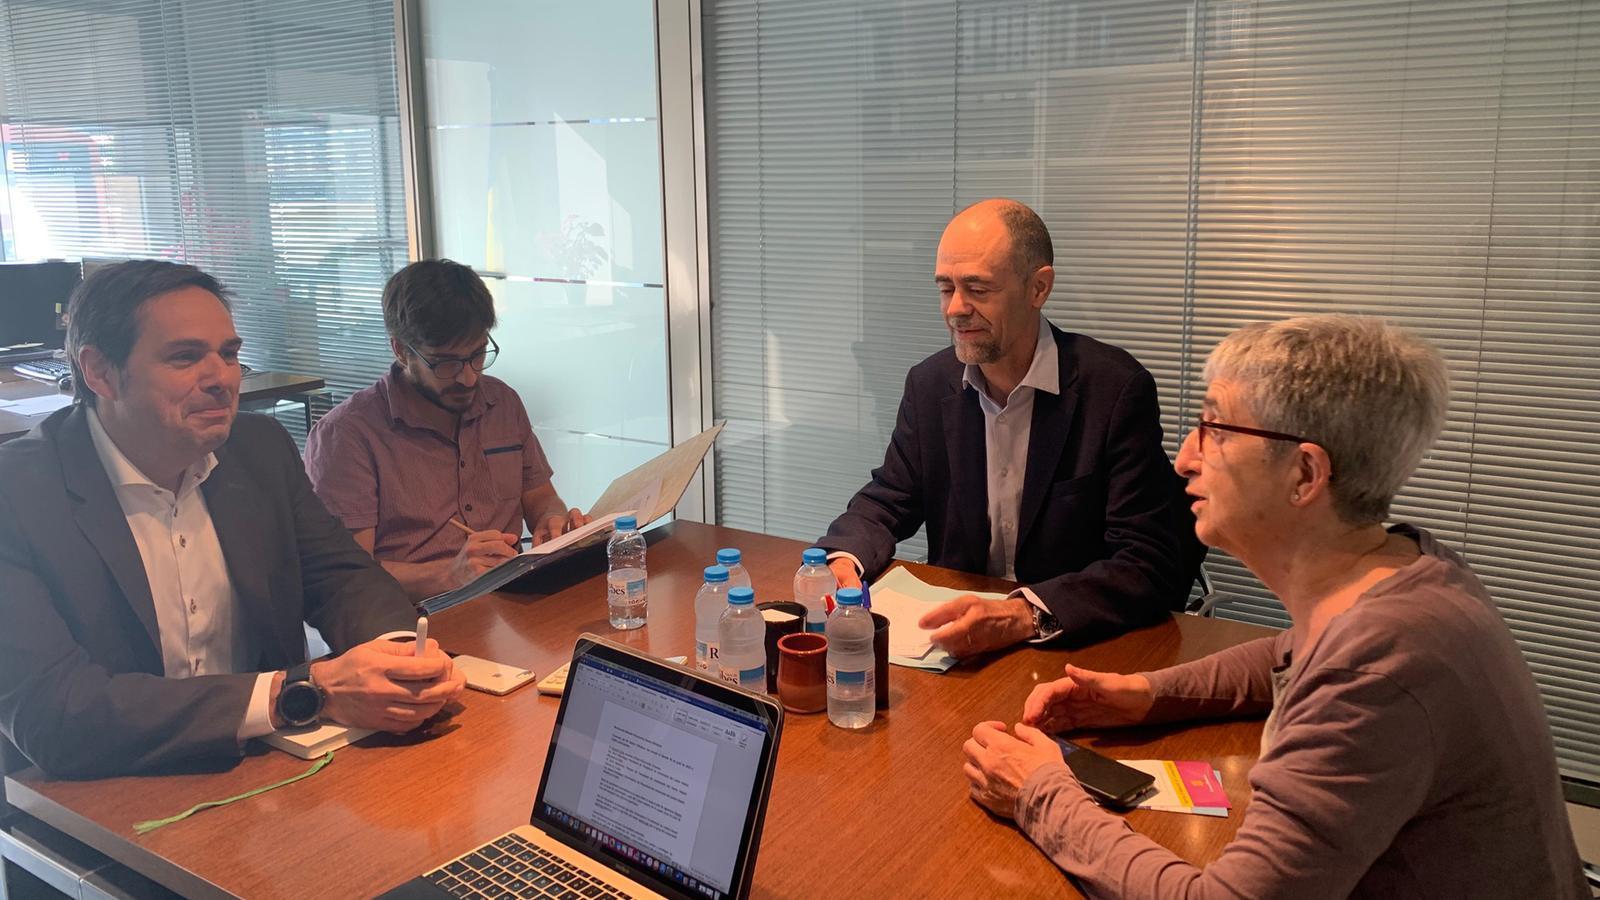 El Secretari d'Estat d'Economia i Empresa, Salustià Chato, reunit amb els representants de l'Associació de Comerciants del Centre Històric d'Andorra la Vella. / CENTRE HISTÒRIC